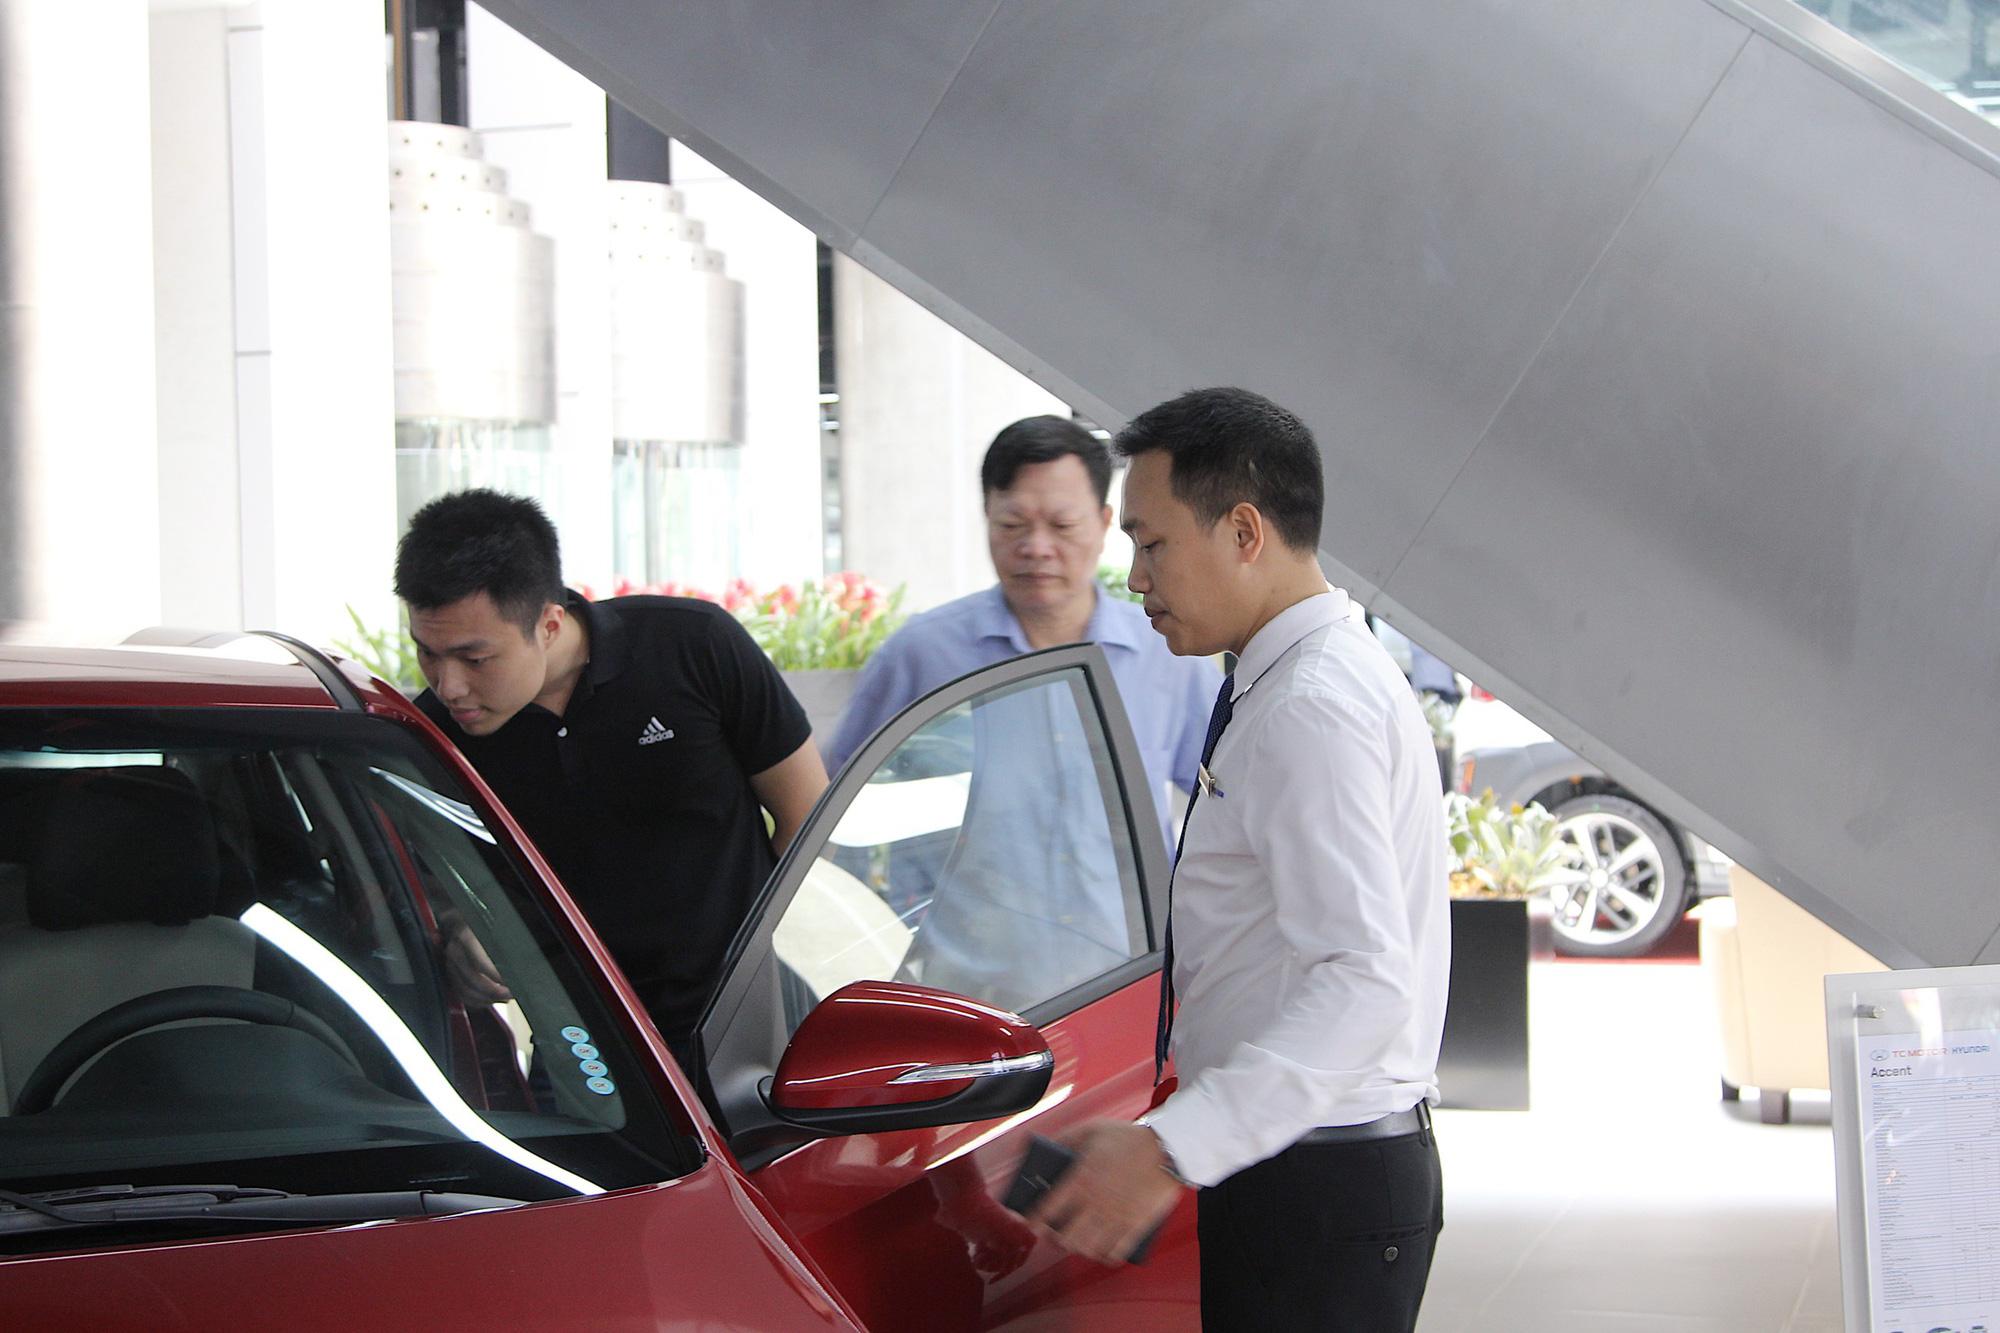 Chính phủ giảm hàng loạt thuế phí: Sắp được mua xe giá rẻ - Ảnh 8.